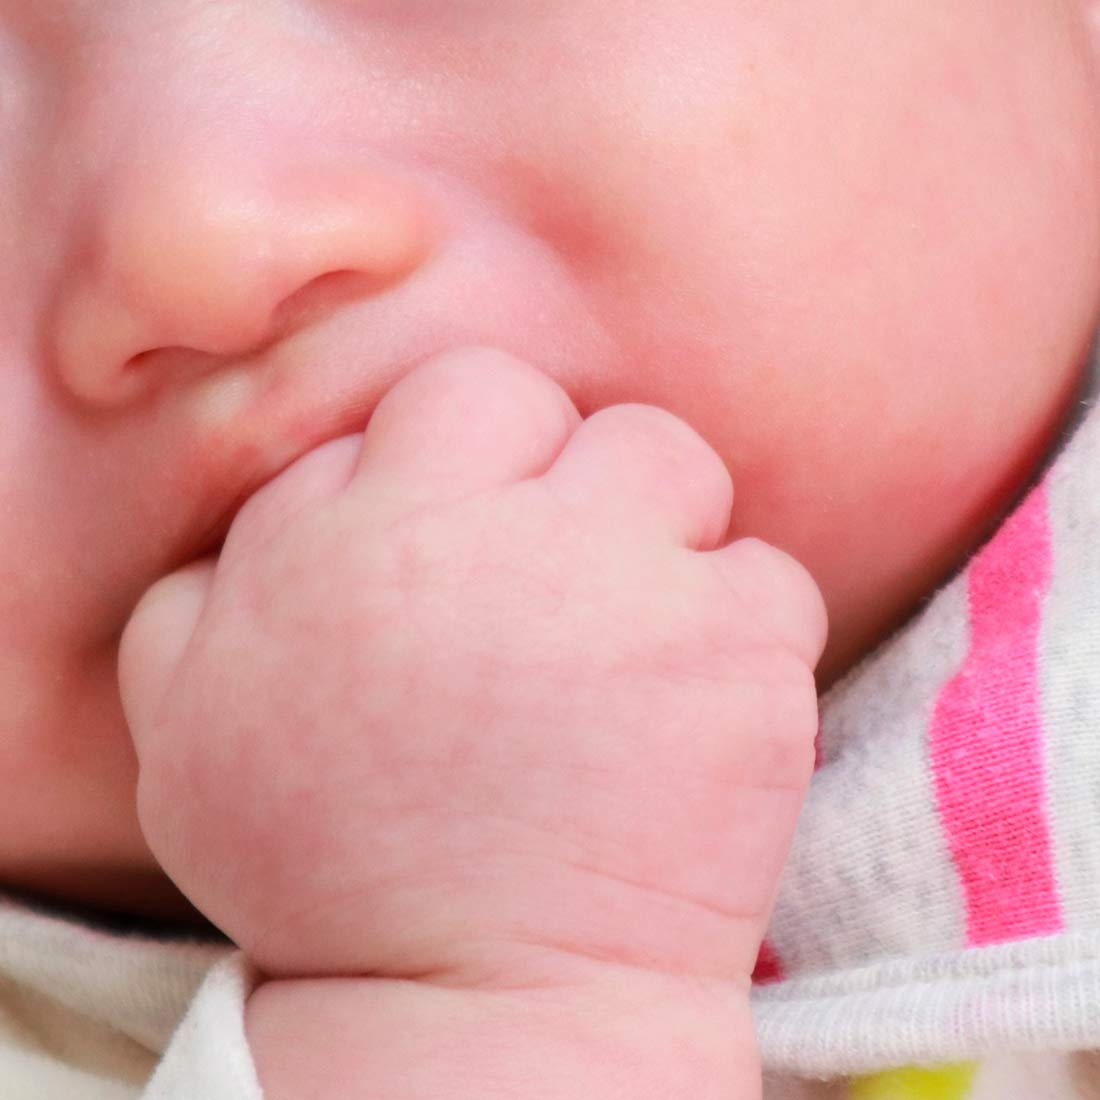 CG - 大歓迎!生後3ヶ月のげんこつしゃぶり